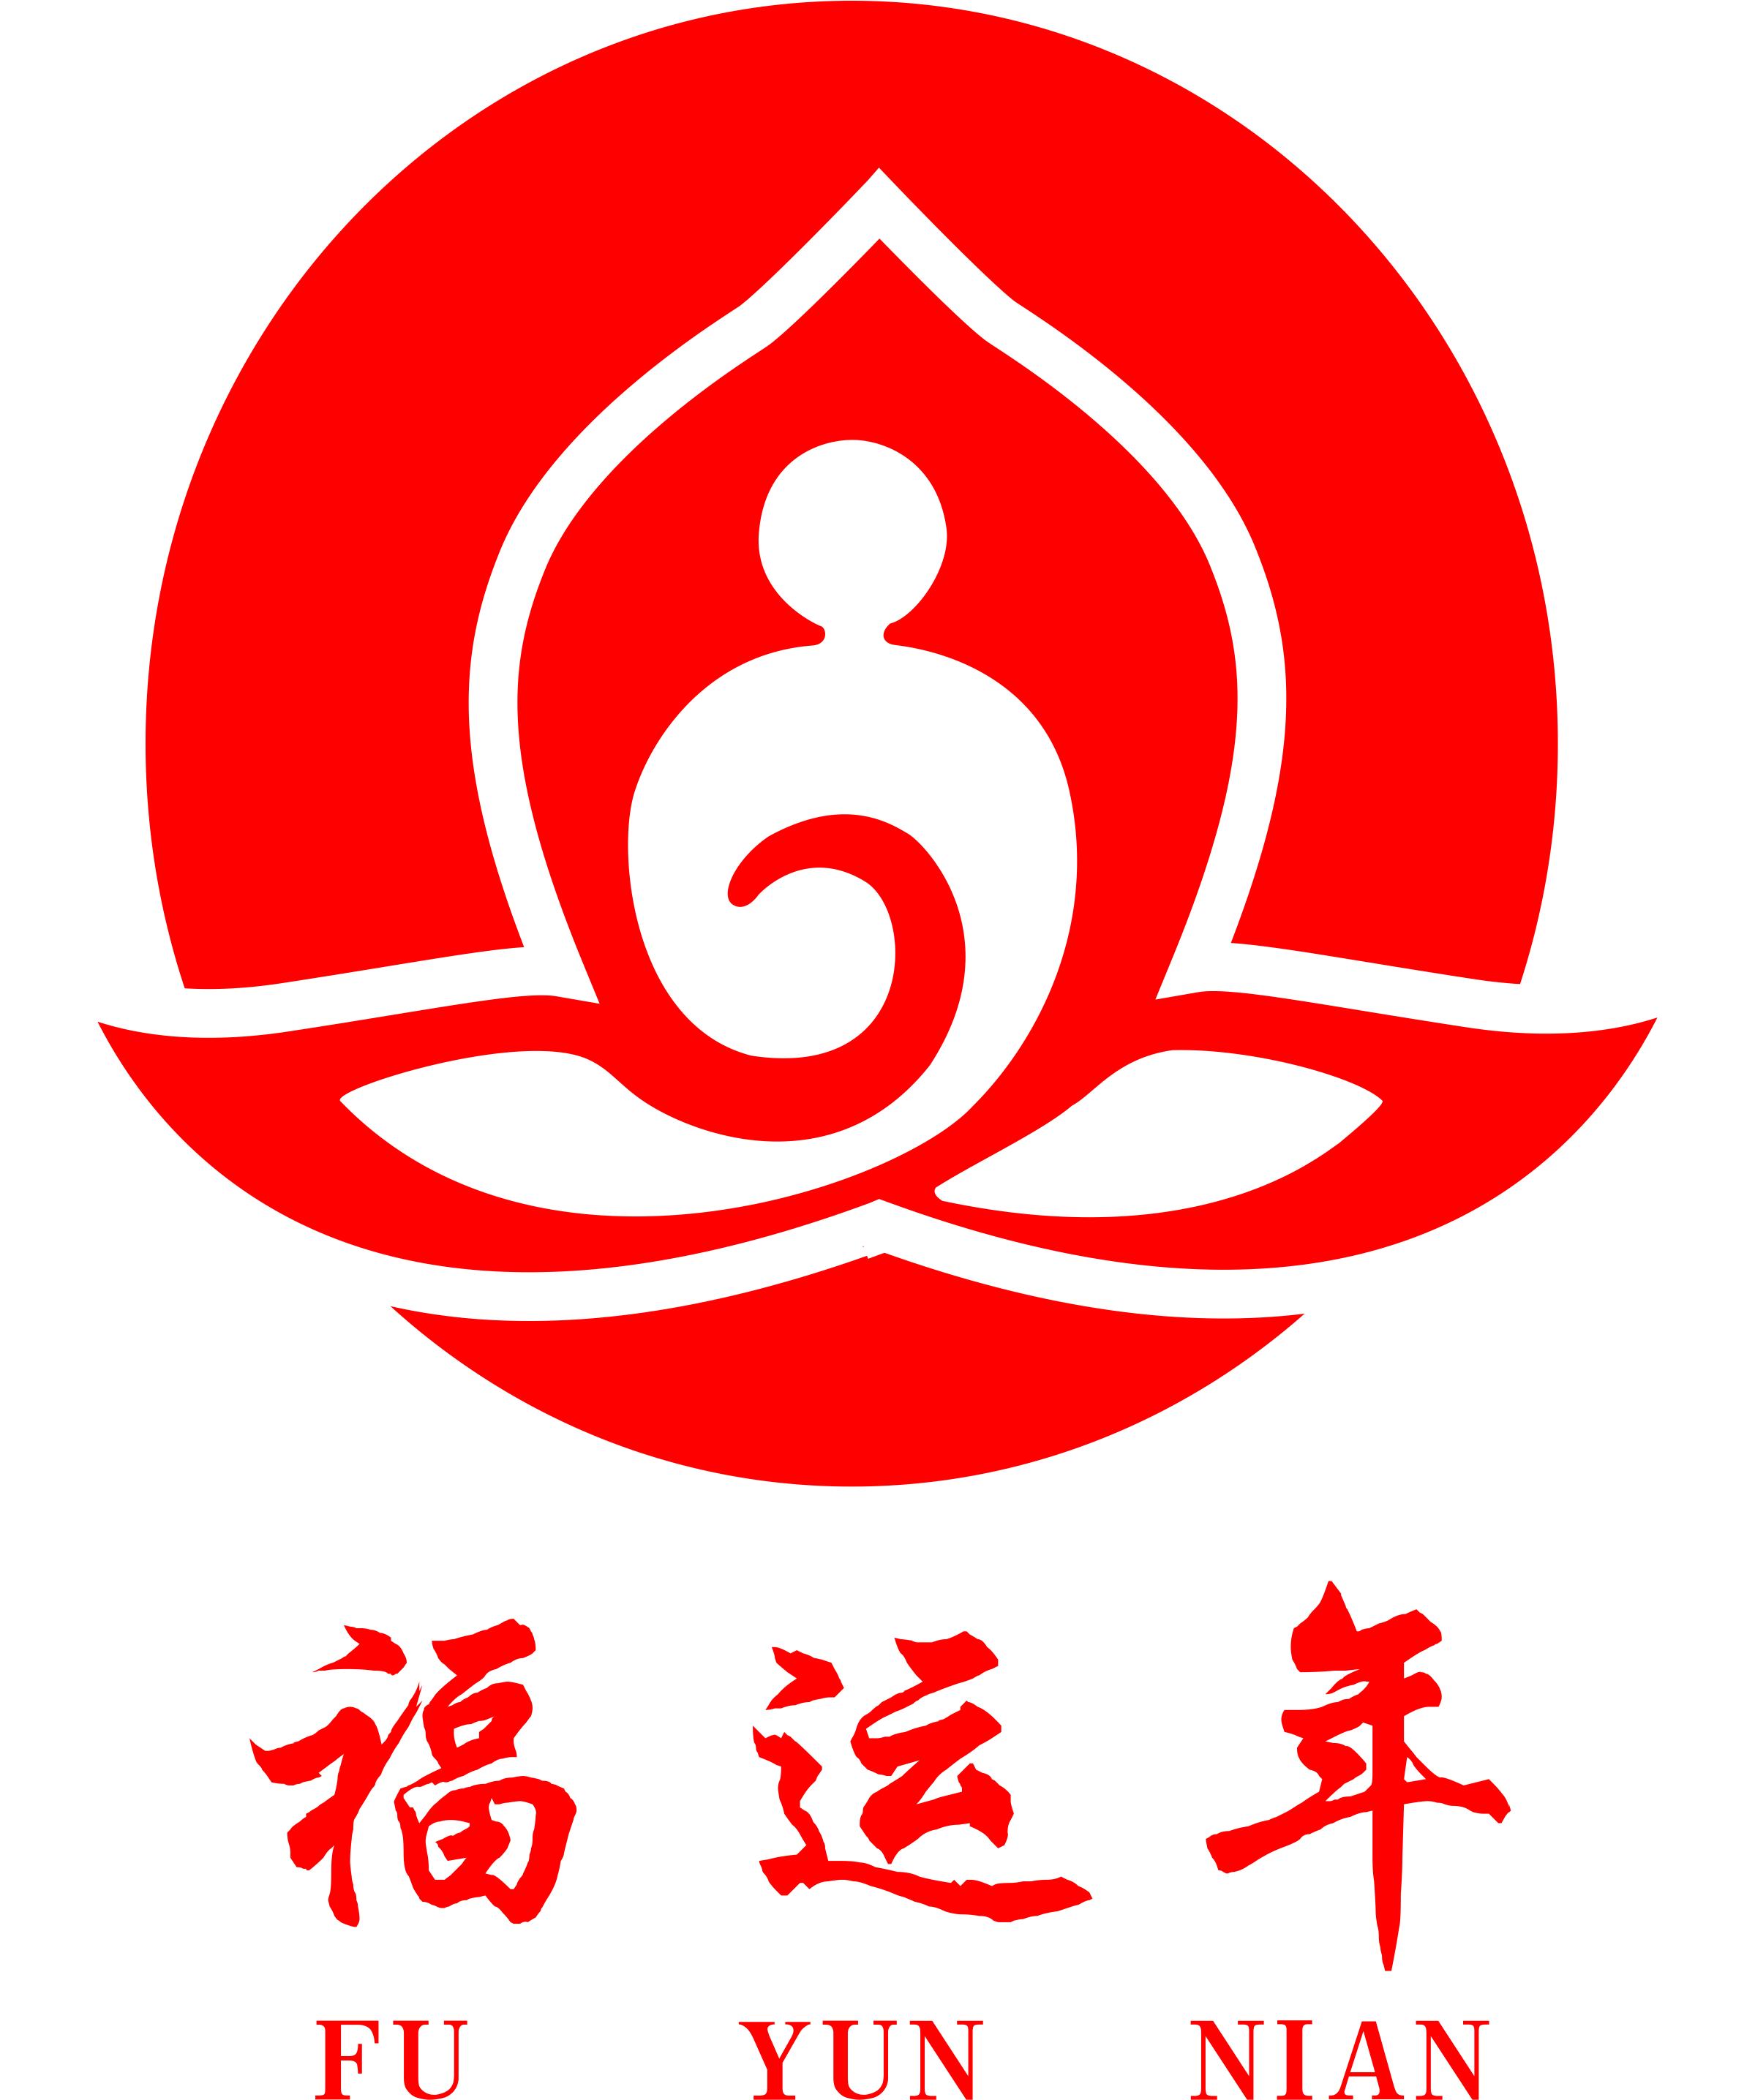 福運年飾(shi)品招(zhao)商(shang)加yong) width=